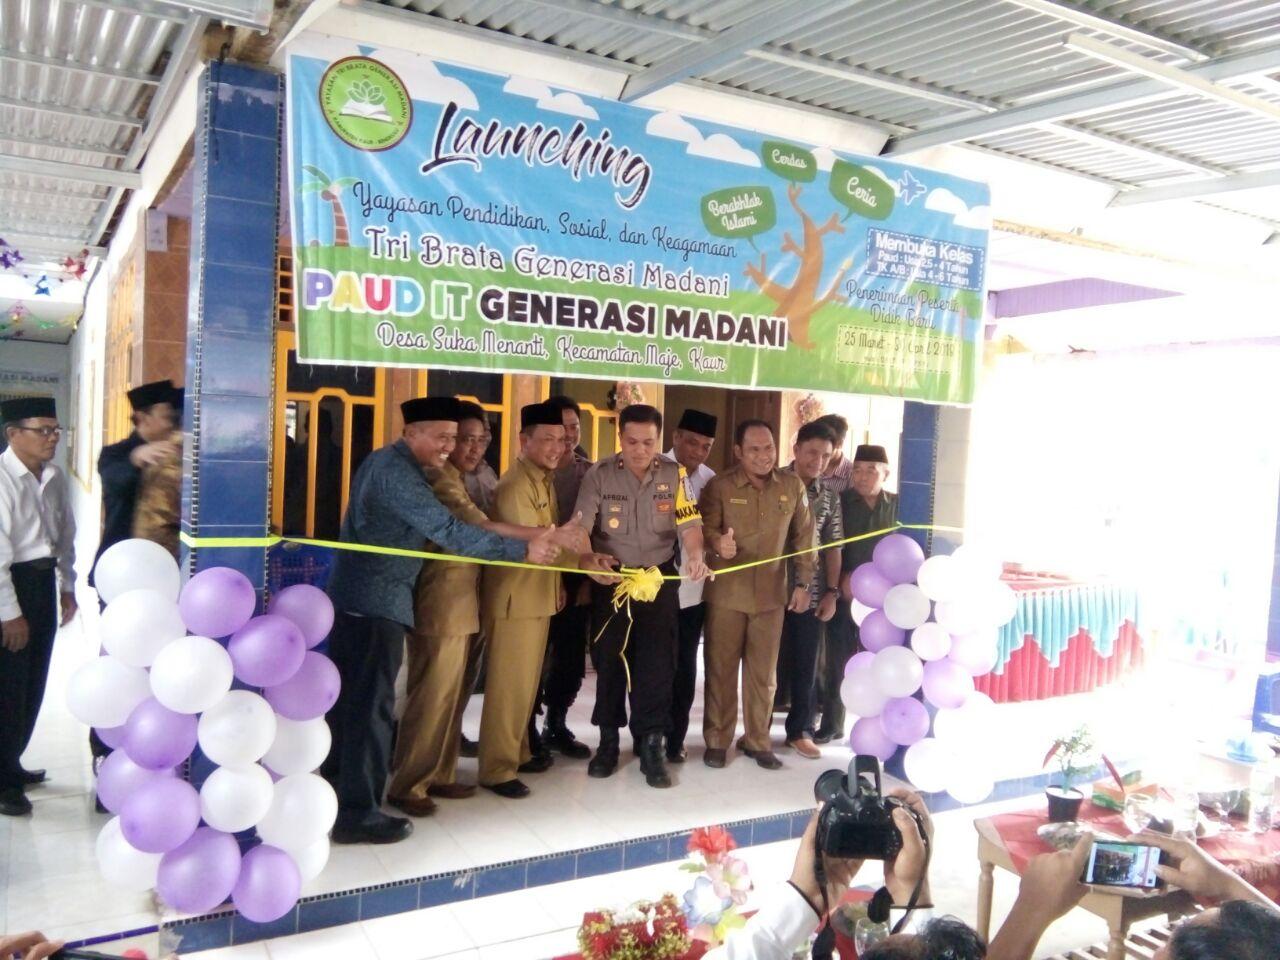 Peresmian Yayasan Tri Brata Generasi Madani dan Launching Paud IT Generasi Madani Polres Kaur